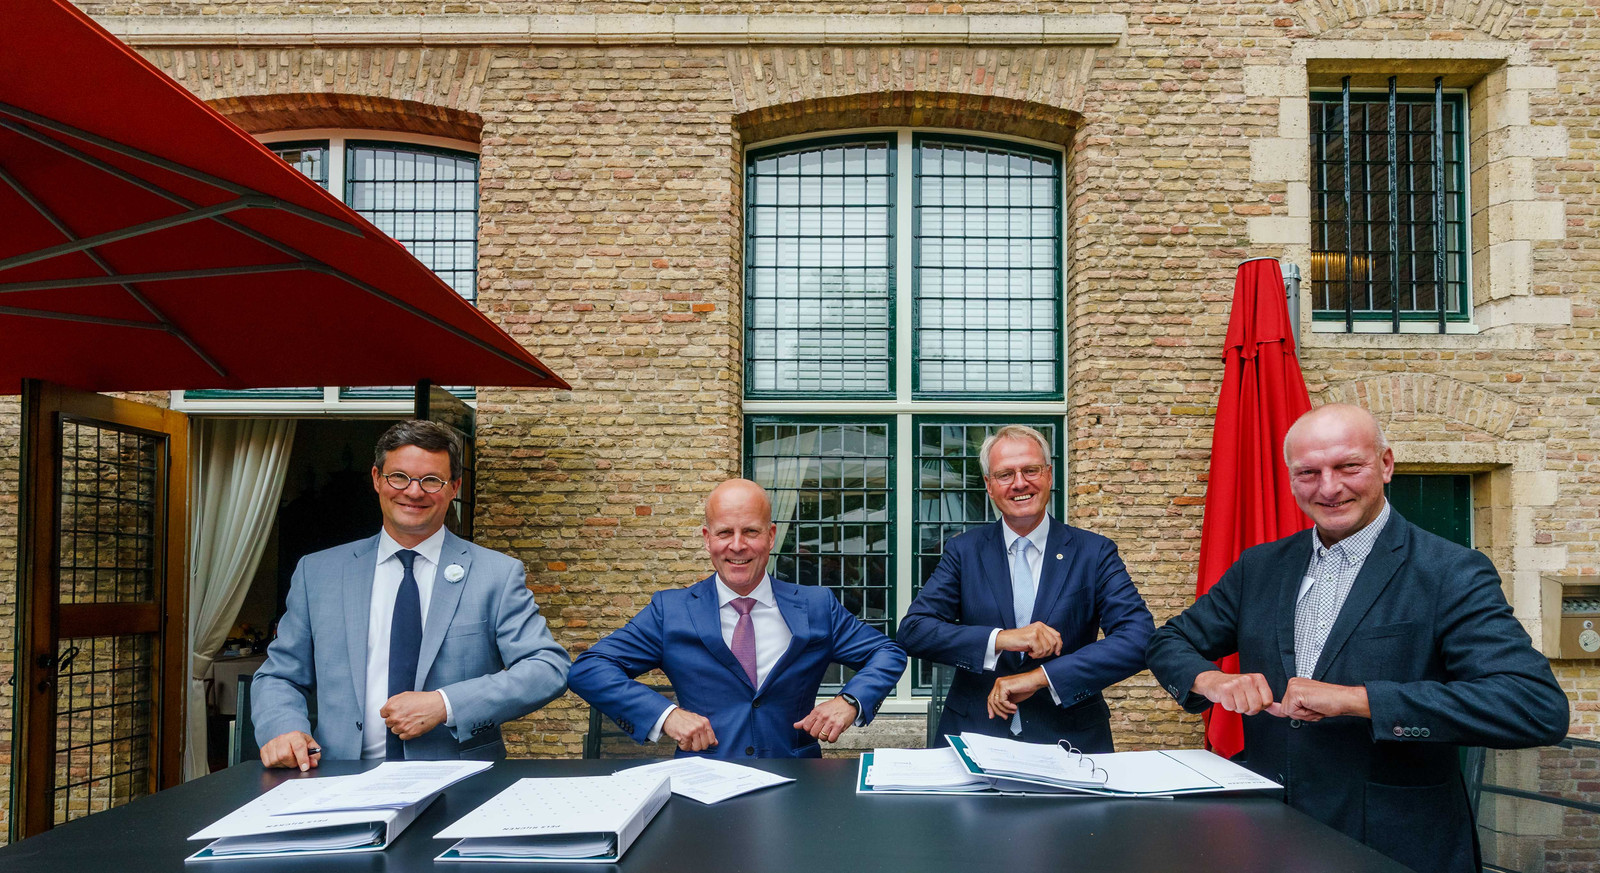 De Vlissingse burgemeester Bas van den Tillaar, staatssecretaris Raymond Knops (Binnenlandse Zaken), Commissaris van de Koning Han Polman en dijkgraaf Toine Poppelaars bij het tekenen van het bestuursakkoord waarin het compensatiepakket voor Zeeland in juni 2020 werd vastgelegd.